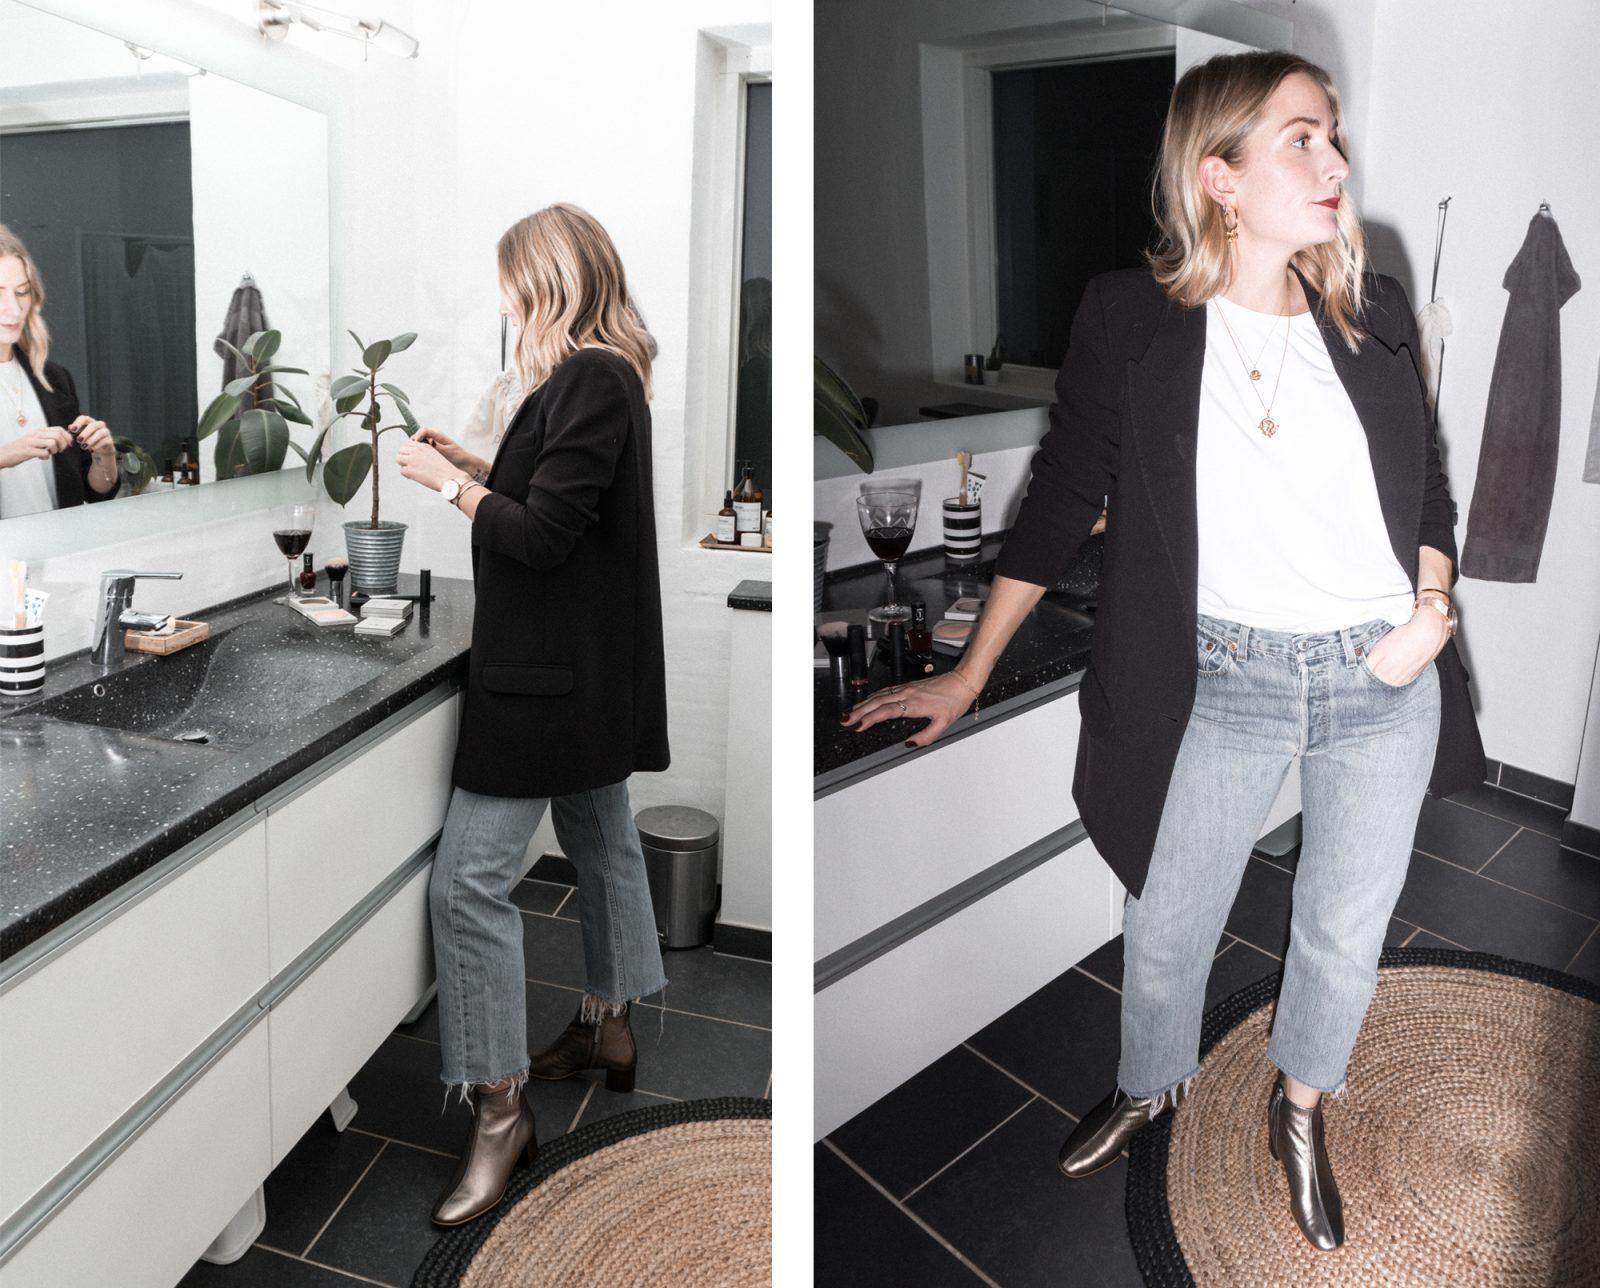 Festive season styling tips (for anti dress women like me)